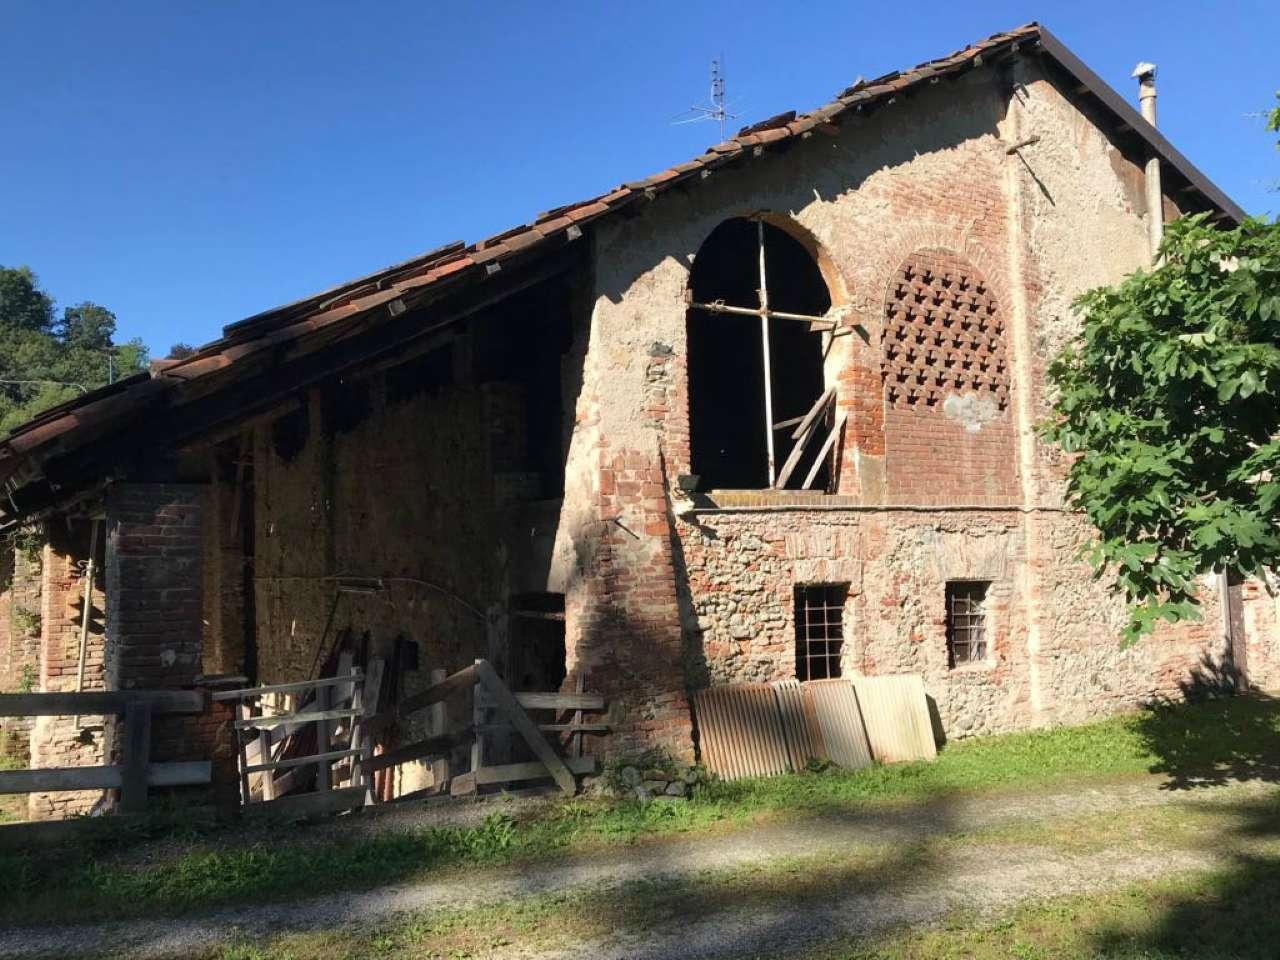 Rustico / Casale da ristrutturare in vendita Rif. 7337429